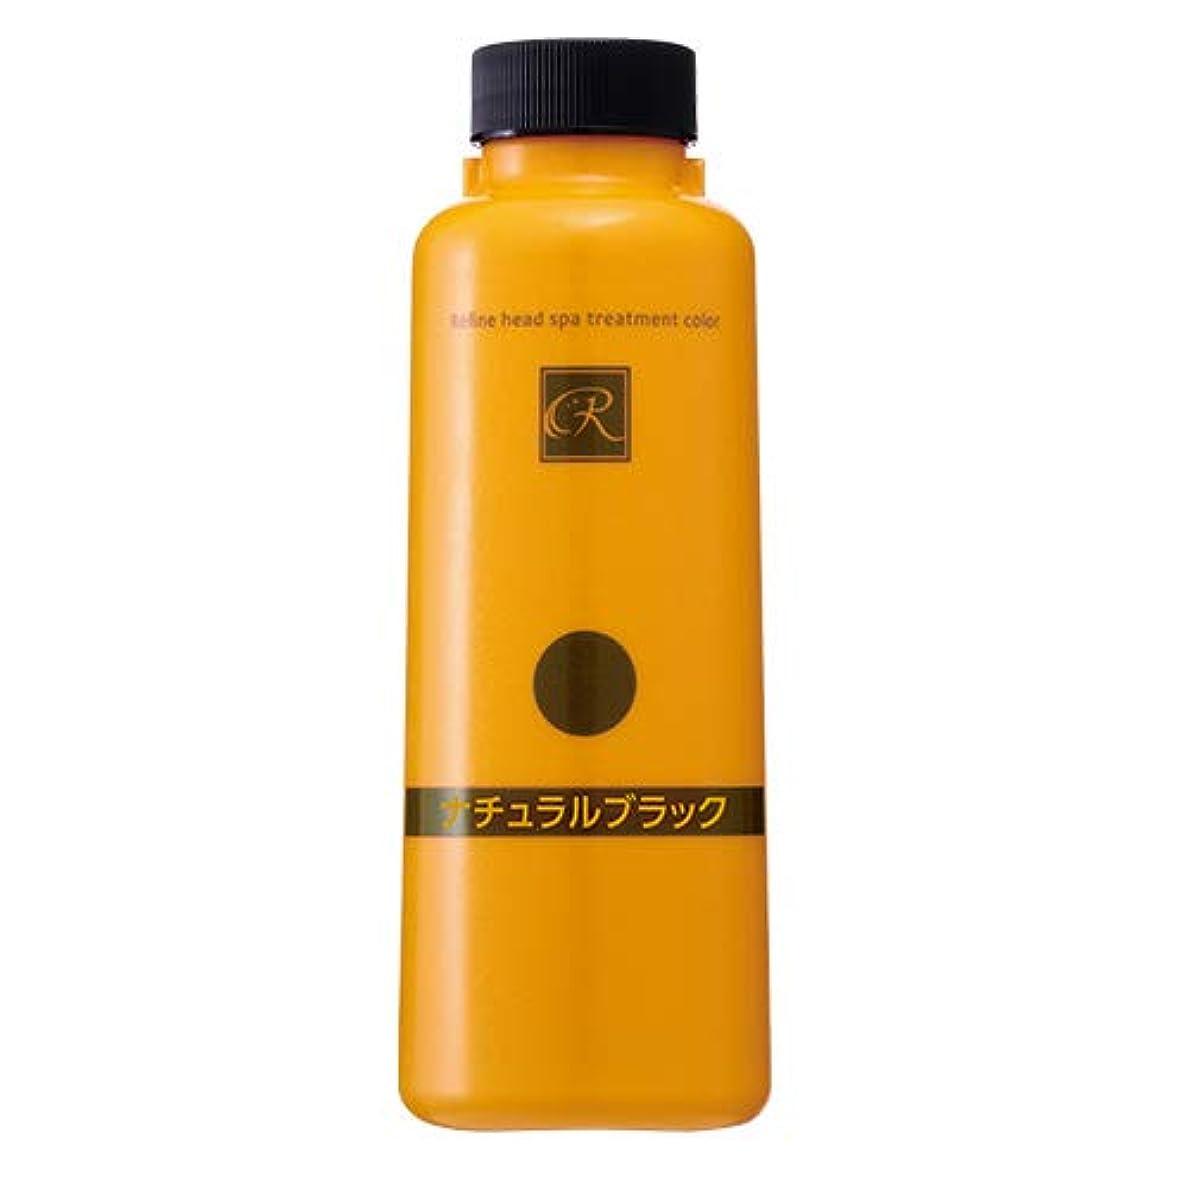 アスレチック理容室ボトルネックレフィーネ ヘッドスパ トリートメントカラー レフィル ナチュラルブラック 300g